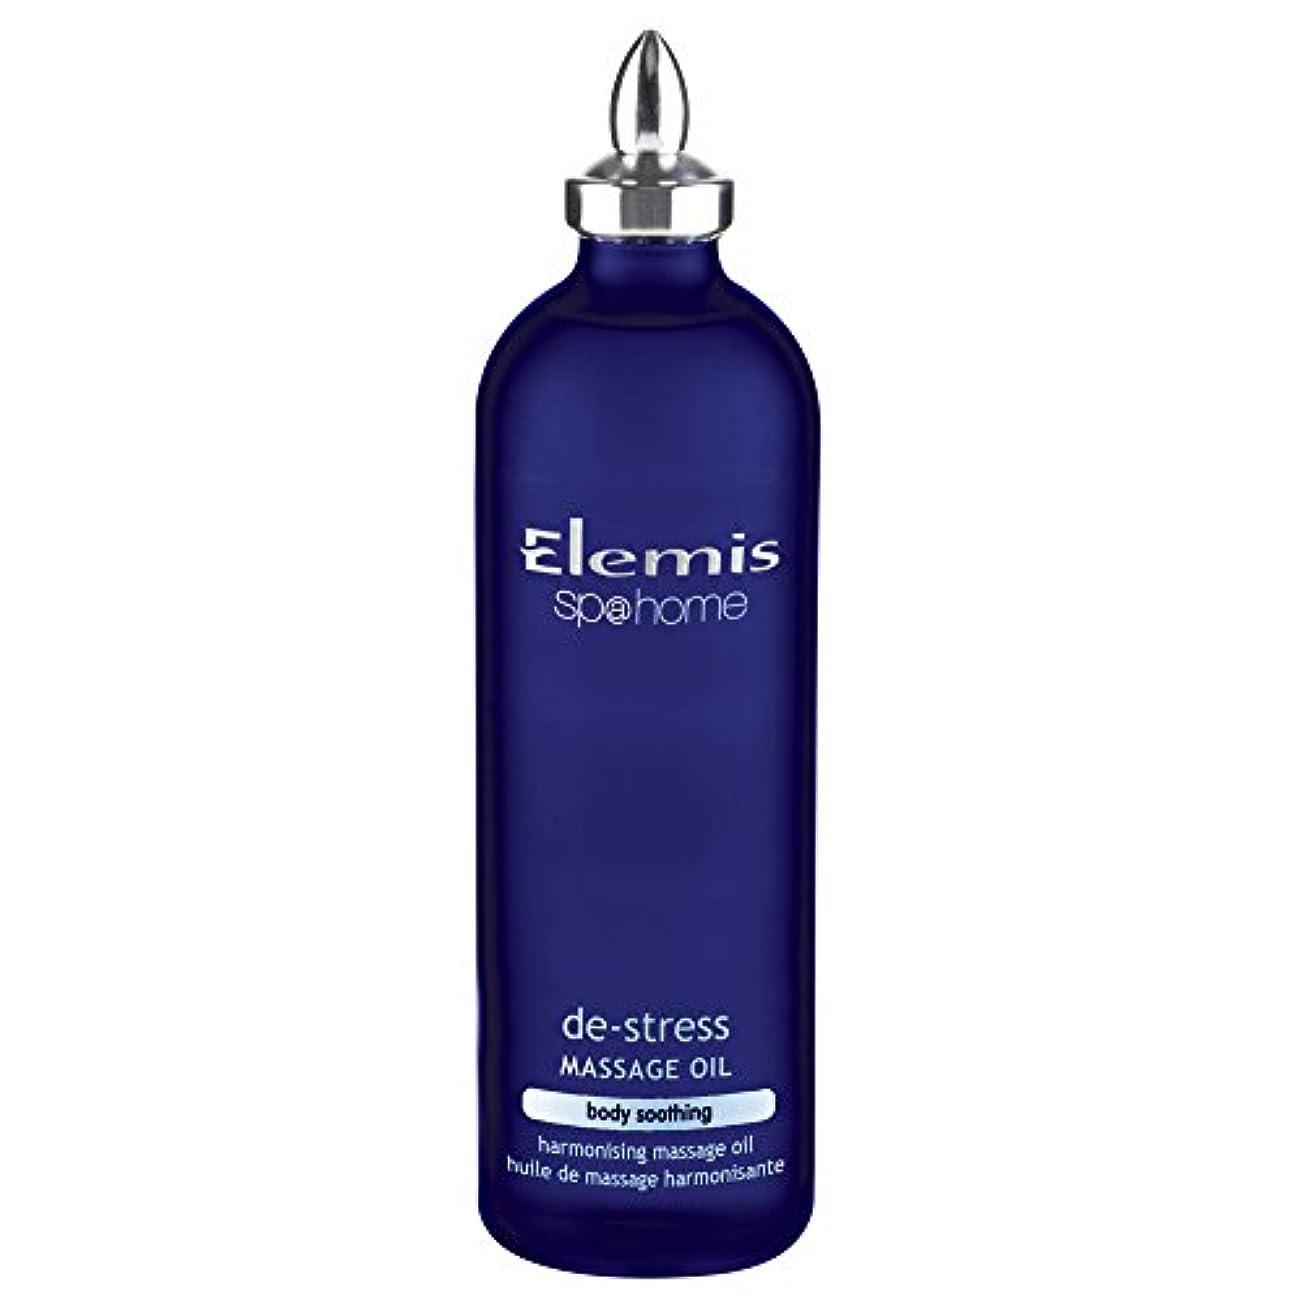 環境保護主義者グラフ九時四十五分エレミスストレス解消マッサージオイル100ミリリットル (Elemis) (x2) - Elemis De-Stress Massage Oil 100ml (Pack of 2) [並行輸入品]